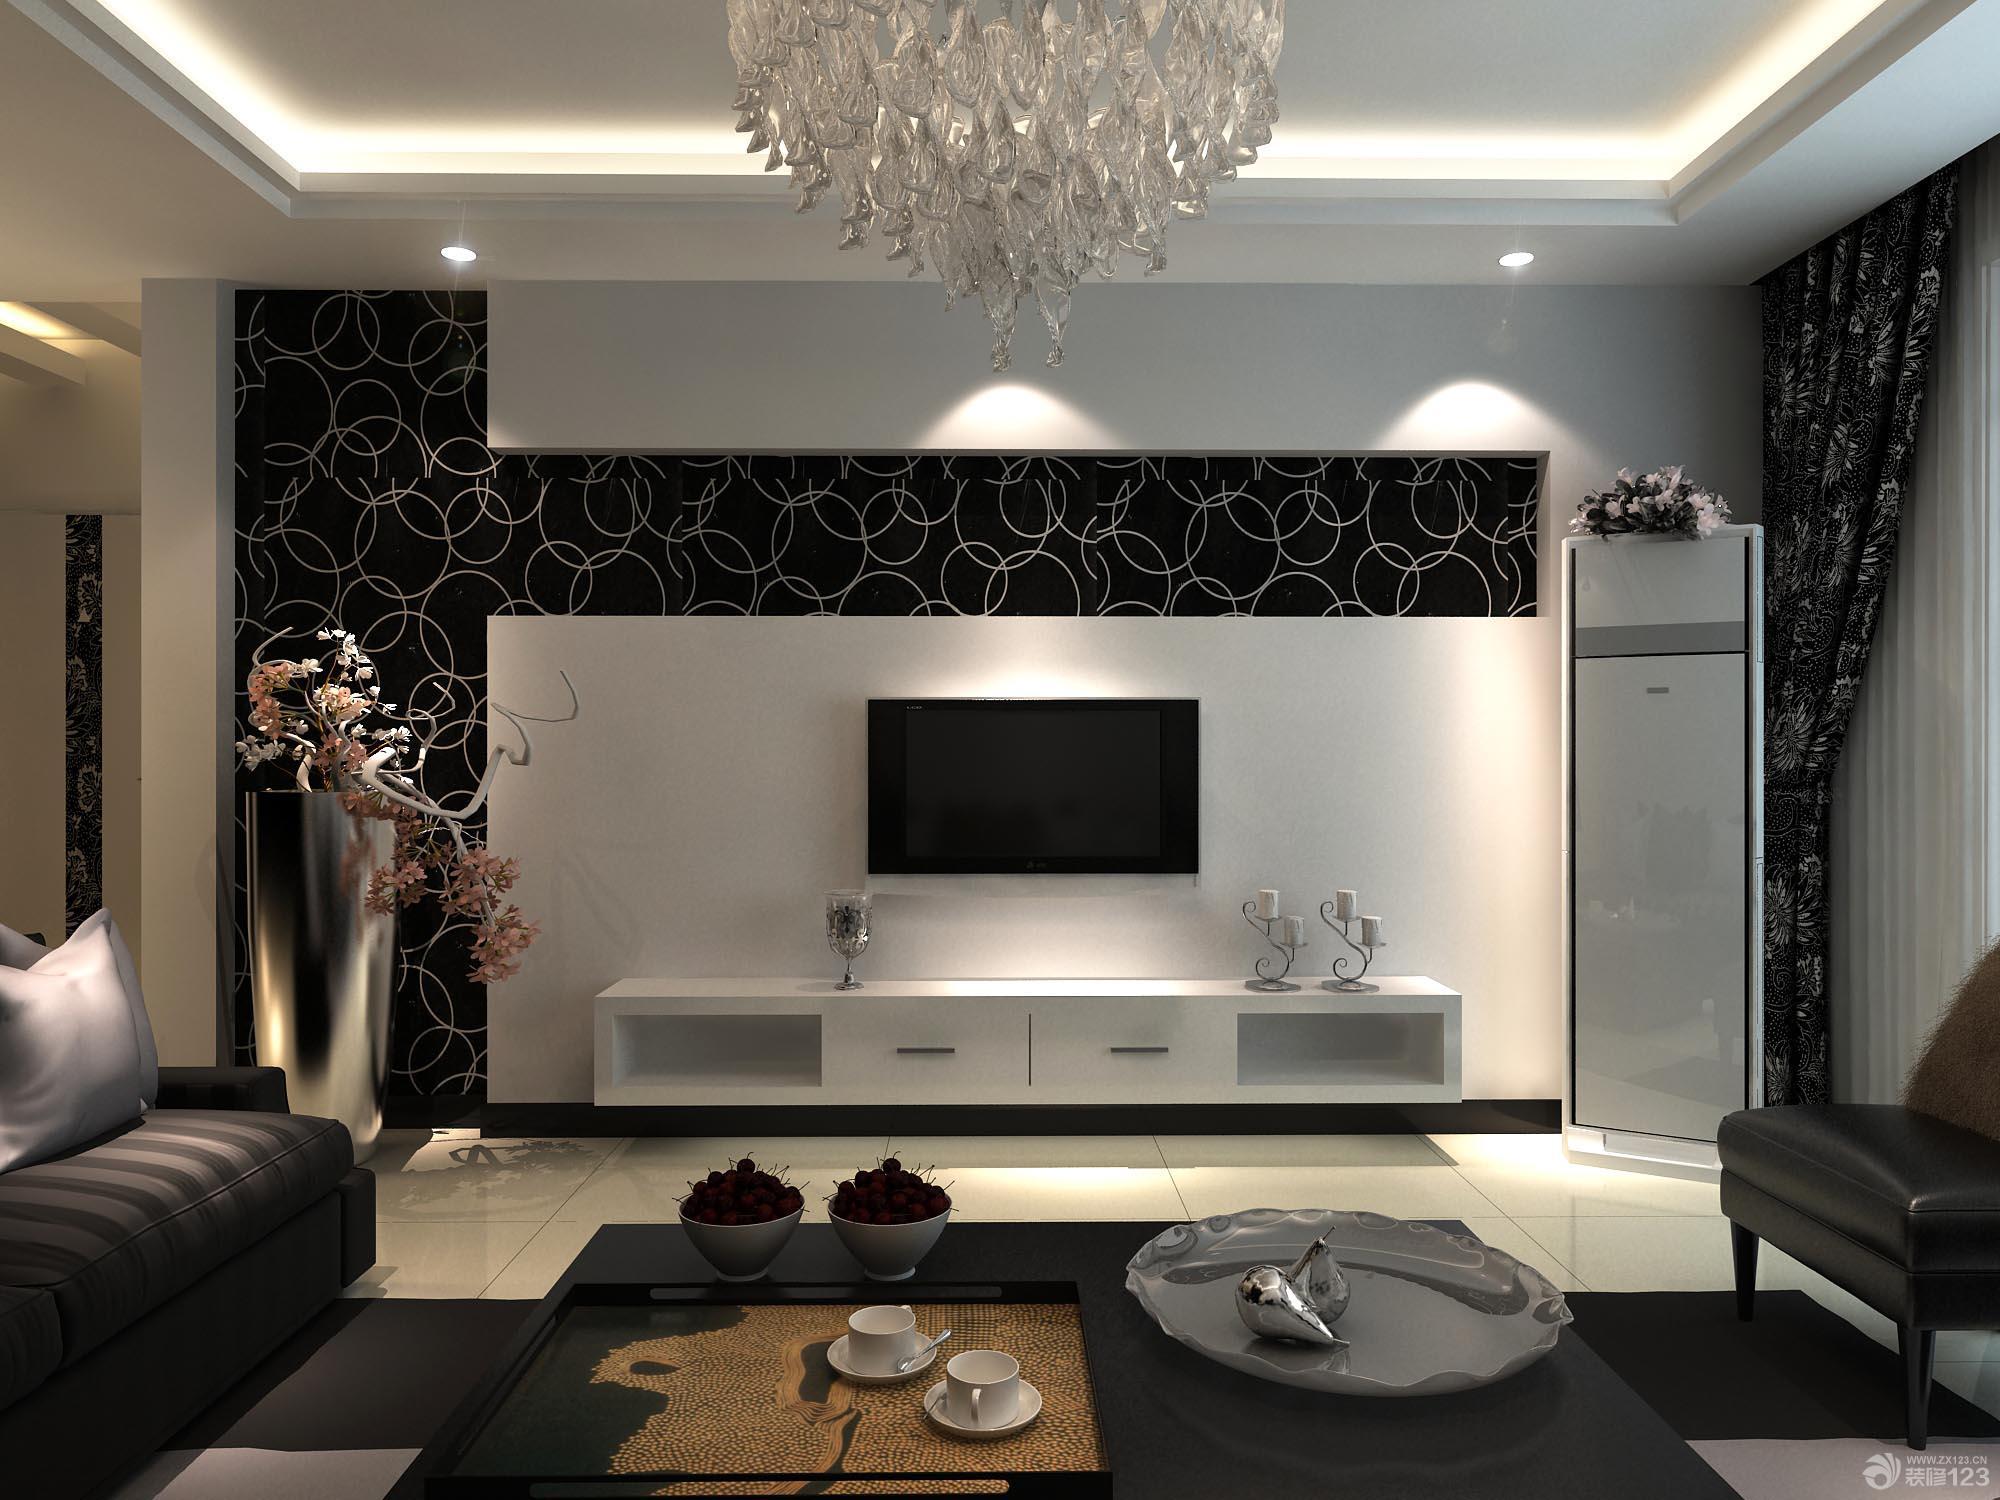 后现代风格客厅影视墙装修效果图